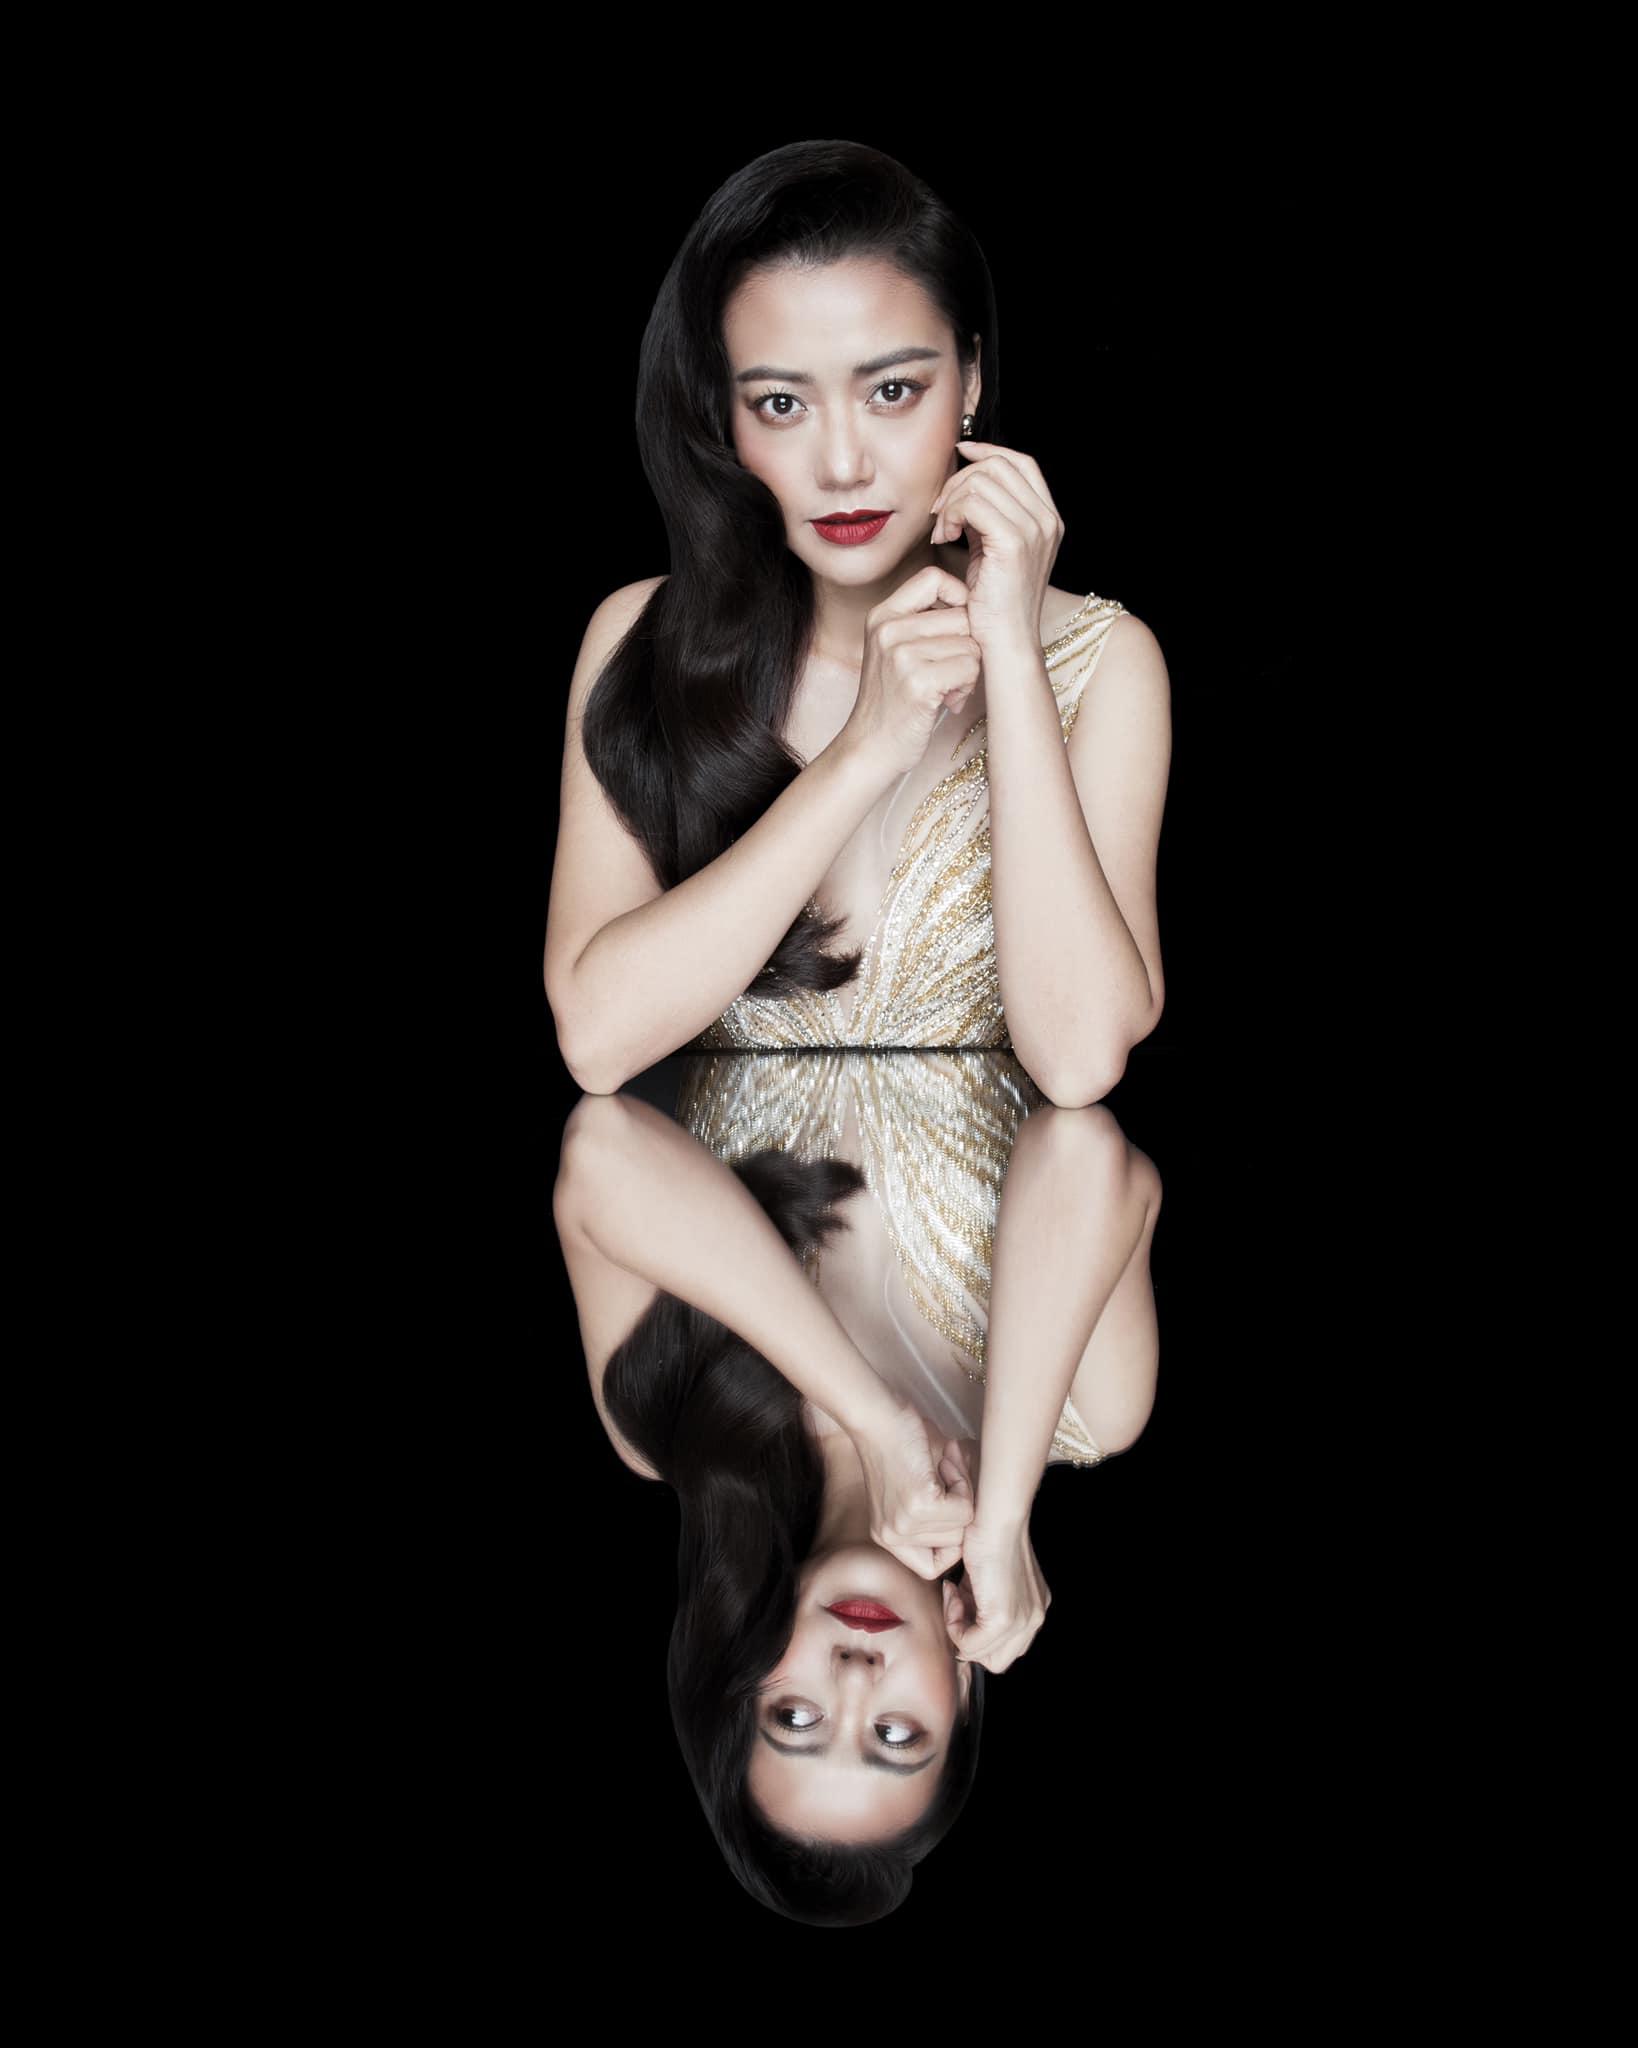 Nhan sắc mỹ nhân Tiệc trăng máu: Hồng Ánh đẹp từ thuở 20, Thu Trang thăng hạng nhờ thẩm mỹ - Hình 8